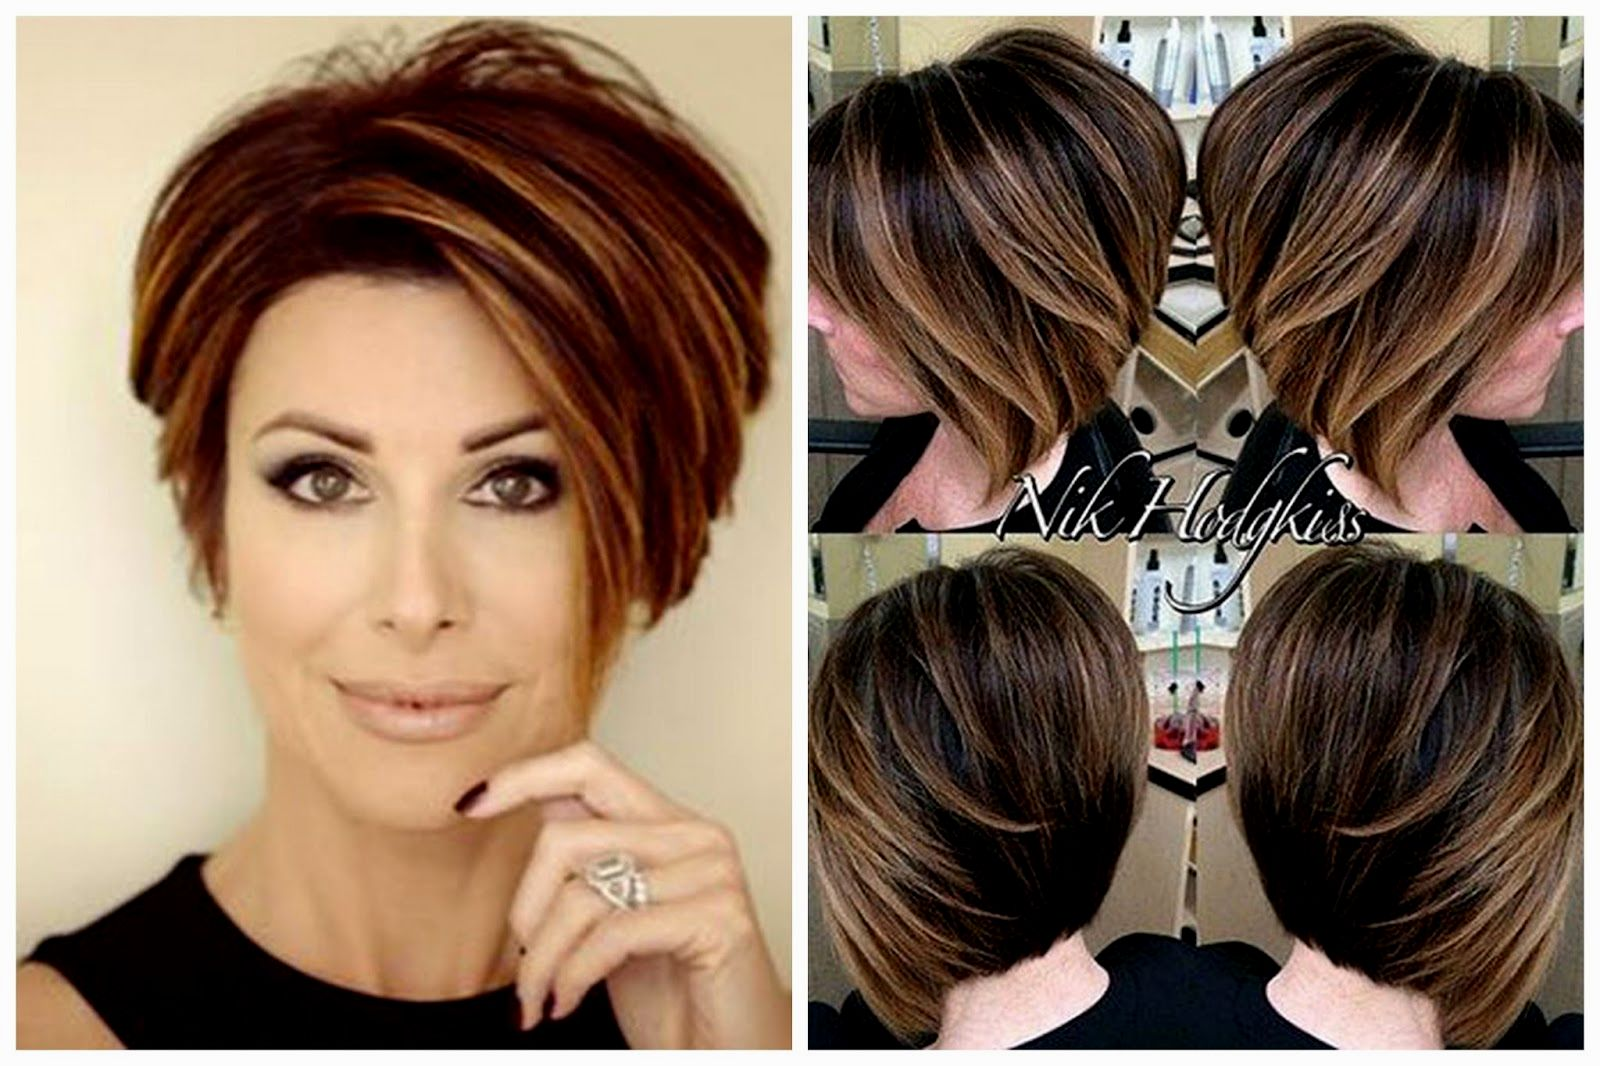 new corte de cabelo curto para mulher imagem-Legal Corte De Cabelo Curto Para Mulher Imagem